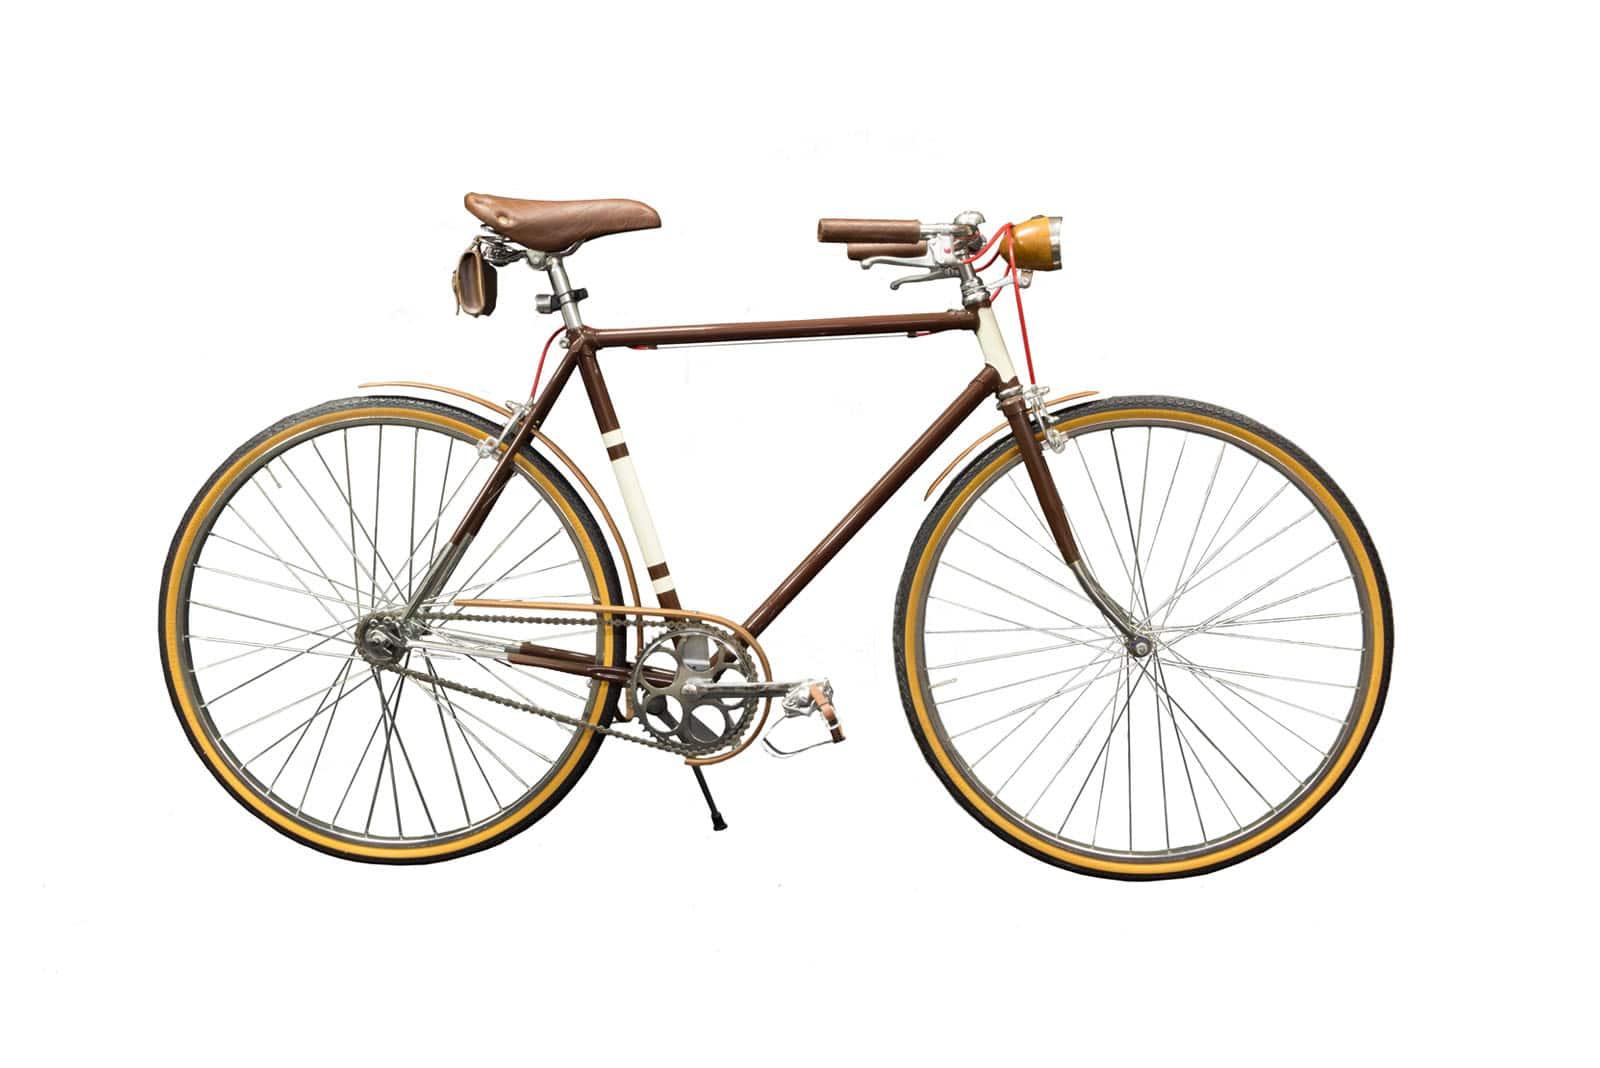 miglior bici uomo